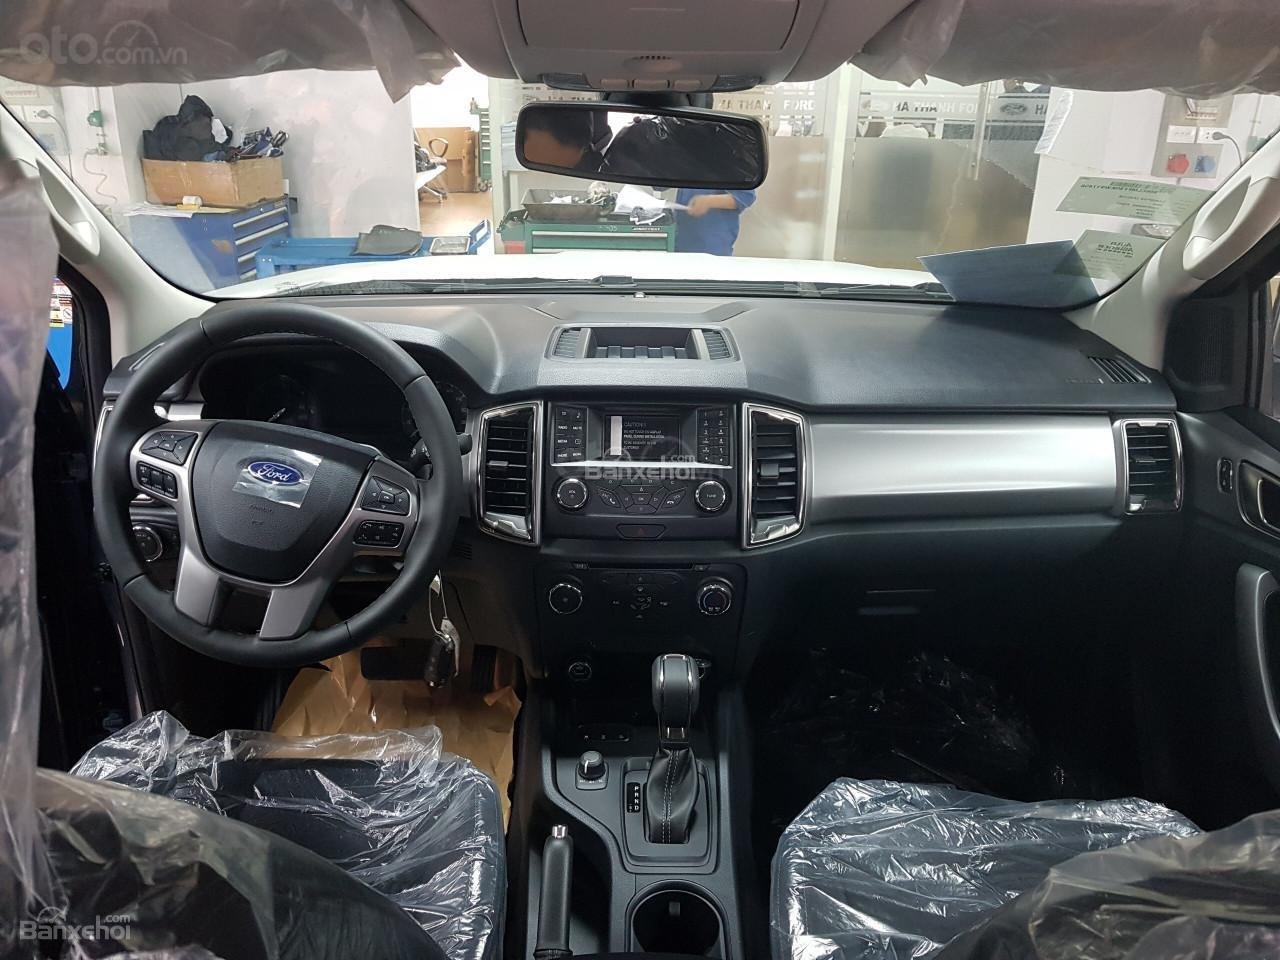 Hà Nam Ford bán các dòng bán tải Ford Ranger 2019, giá chỉ từ 580tr. LH 0974286009 (8)